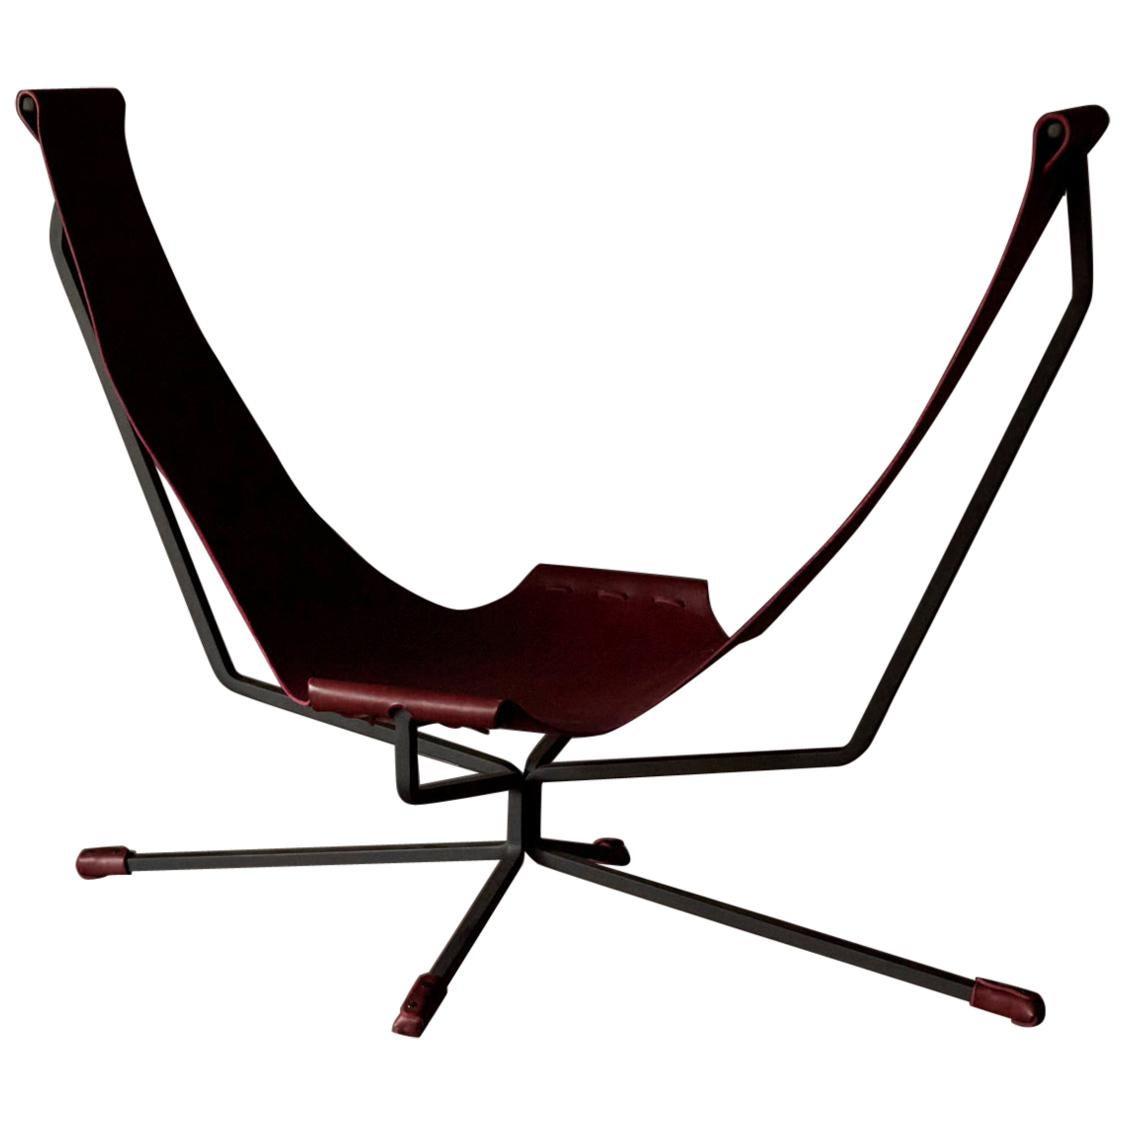 U Chair by Dan Wenger, USA 2020